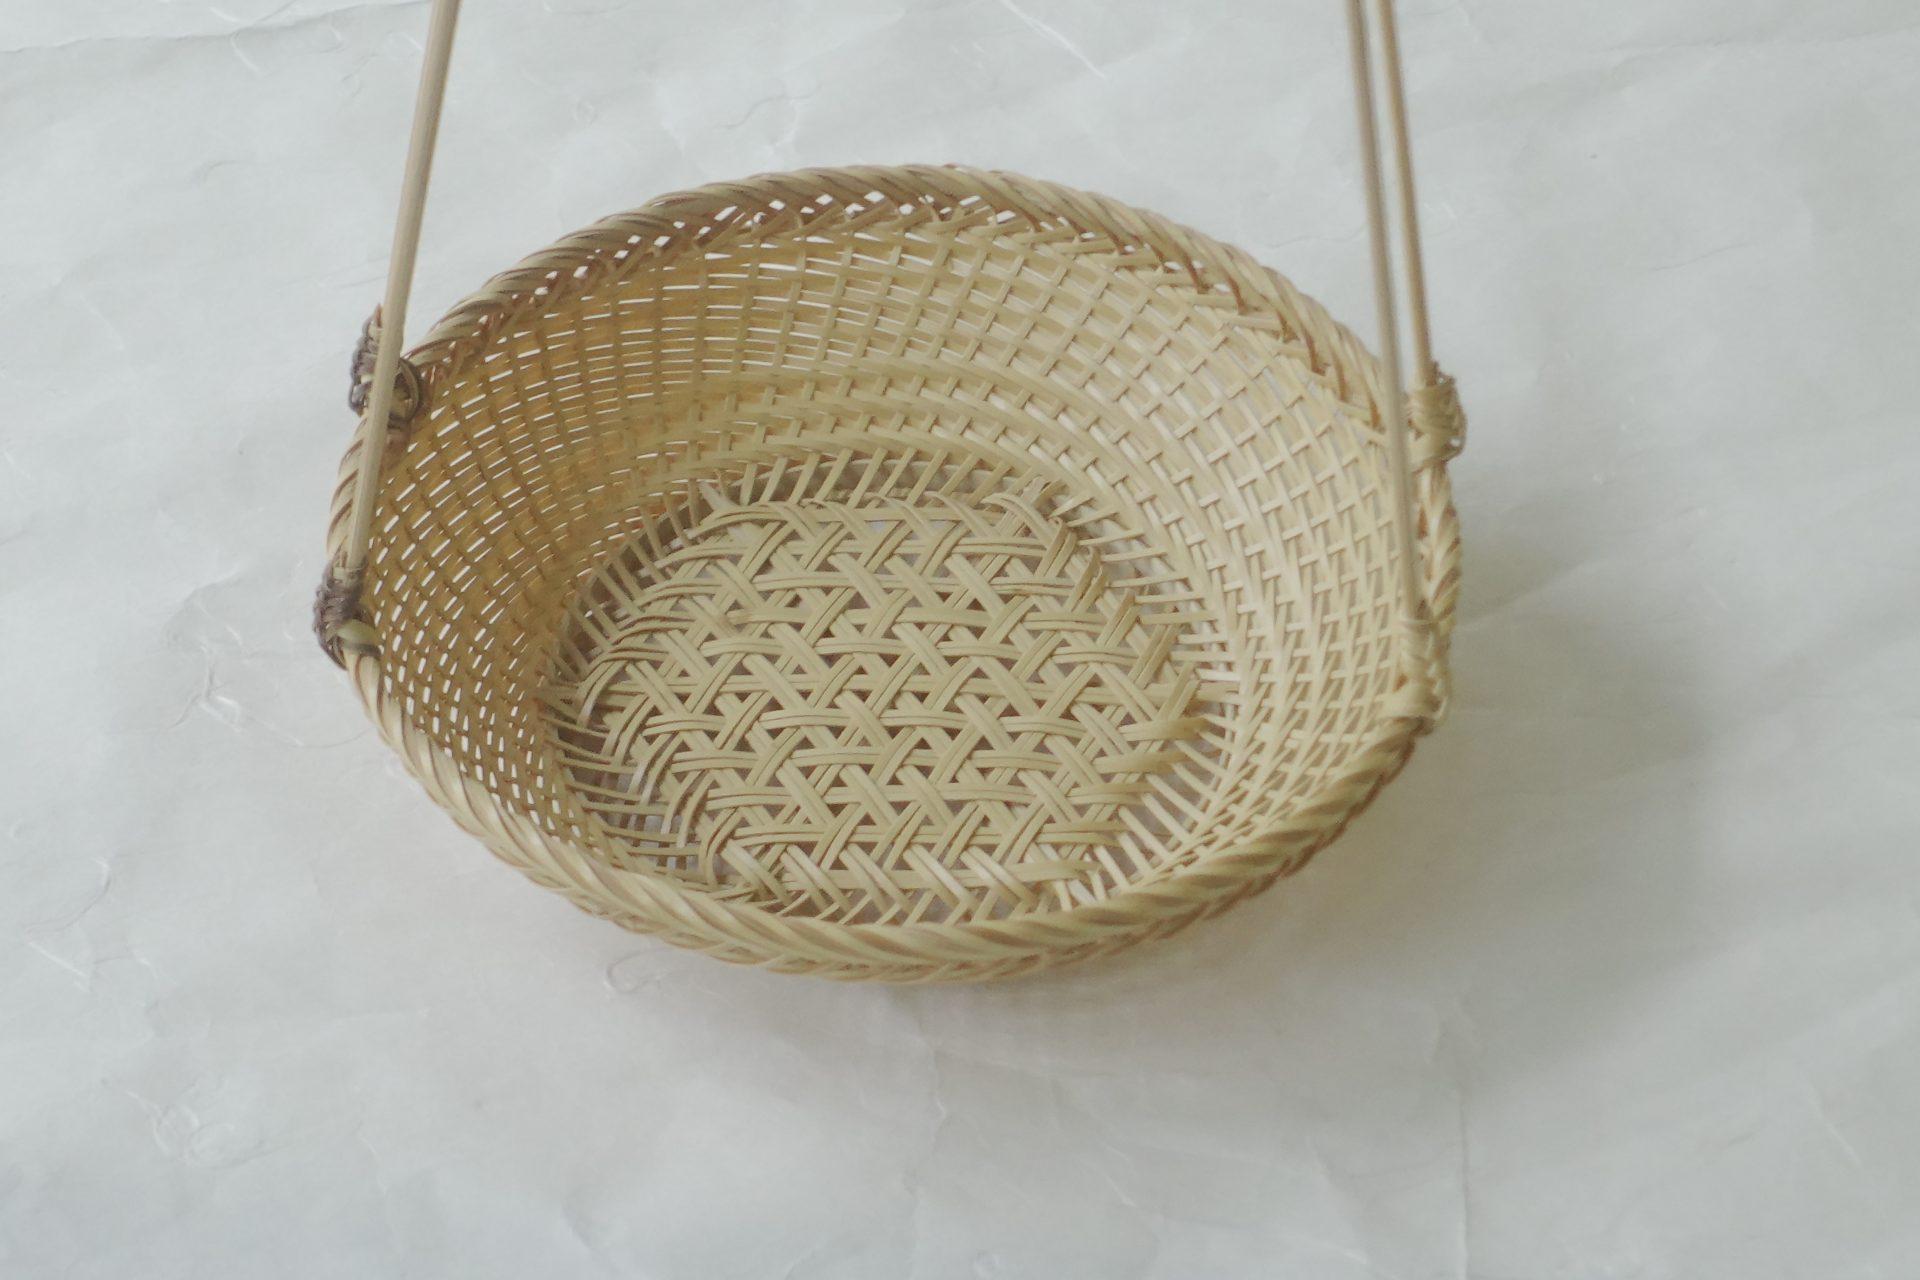 日本製 手付 廻し篭 お煎茶 急須を置く 持ち手 持ち運び 竹の編み 細かい 精巧 職人の熟練の技術 径が大きい 持ち手の高さ 使いやすい スムーズ 本格的 体裁がいい 話題